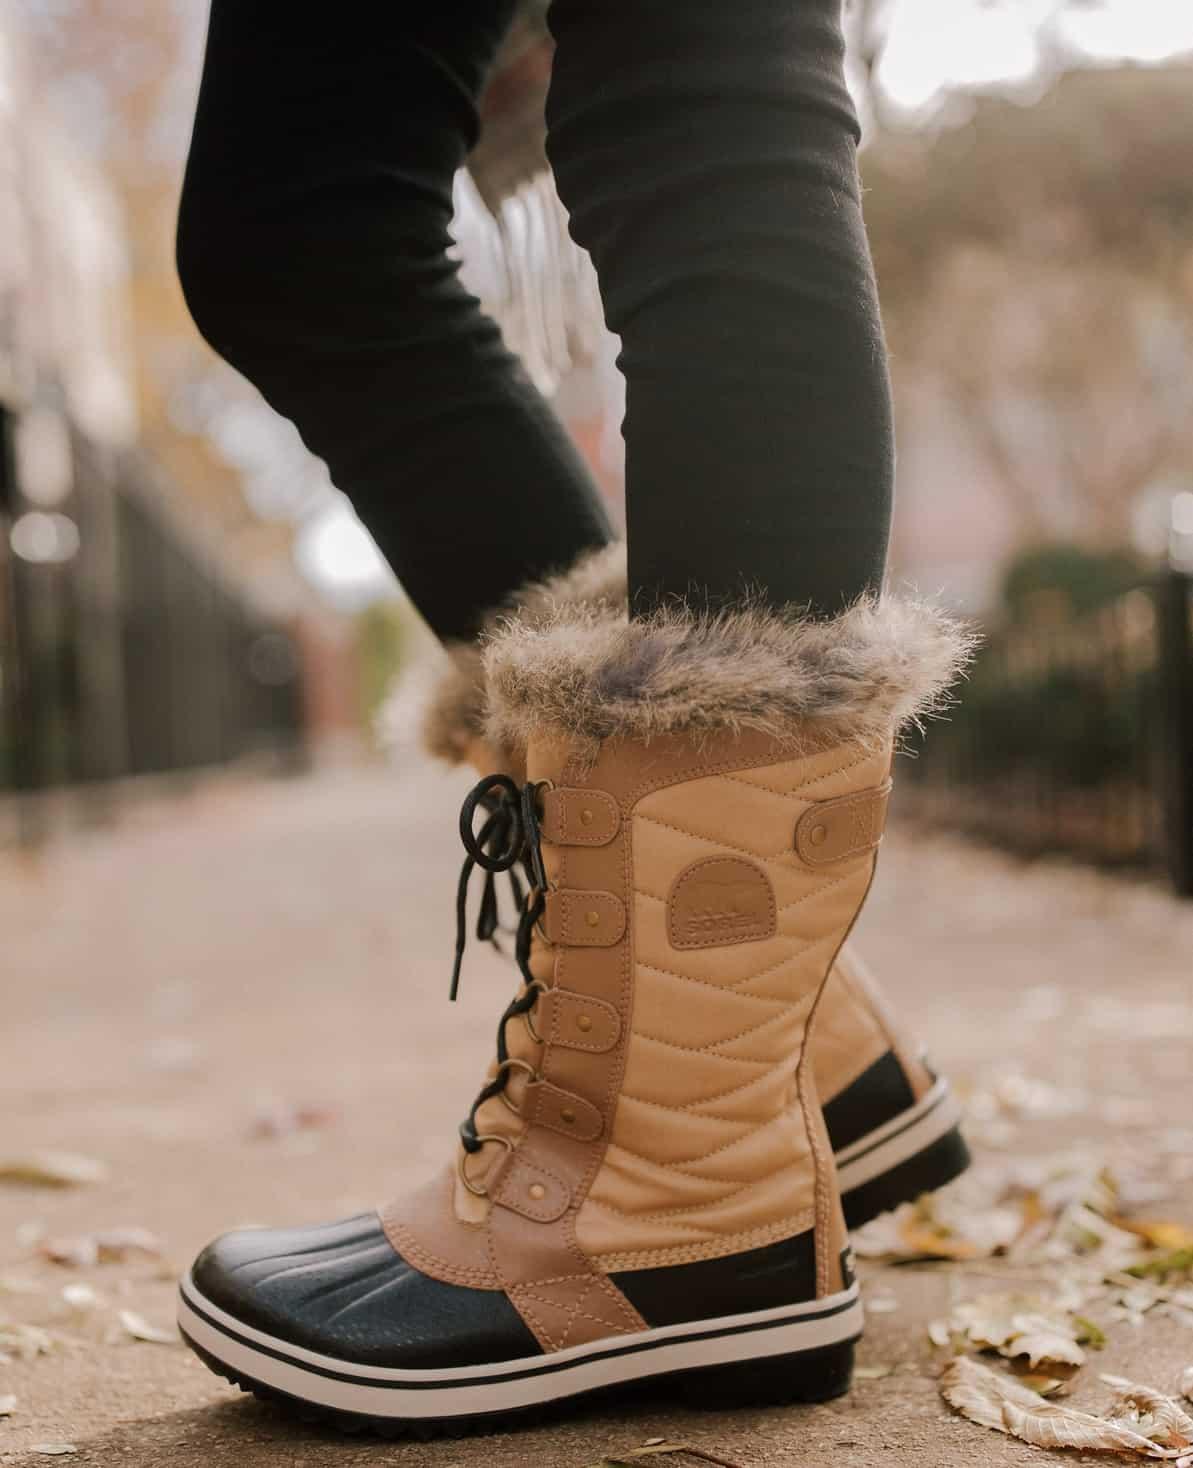 sorel, sorel boots, best boots, sorel waterproof boots